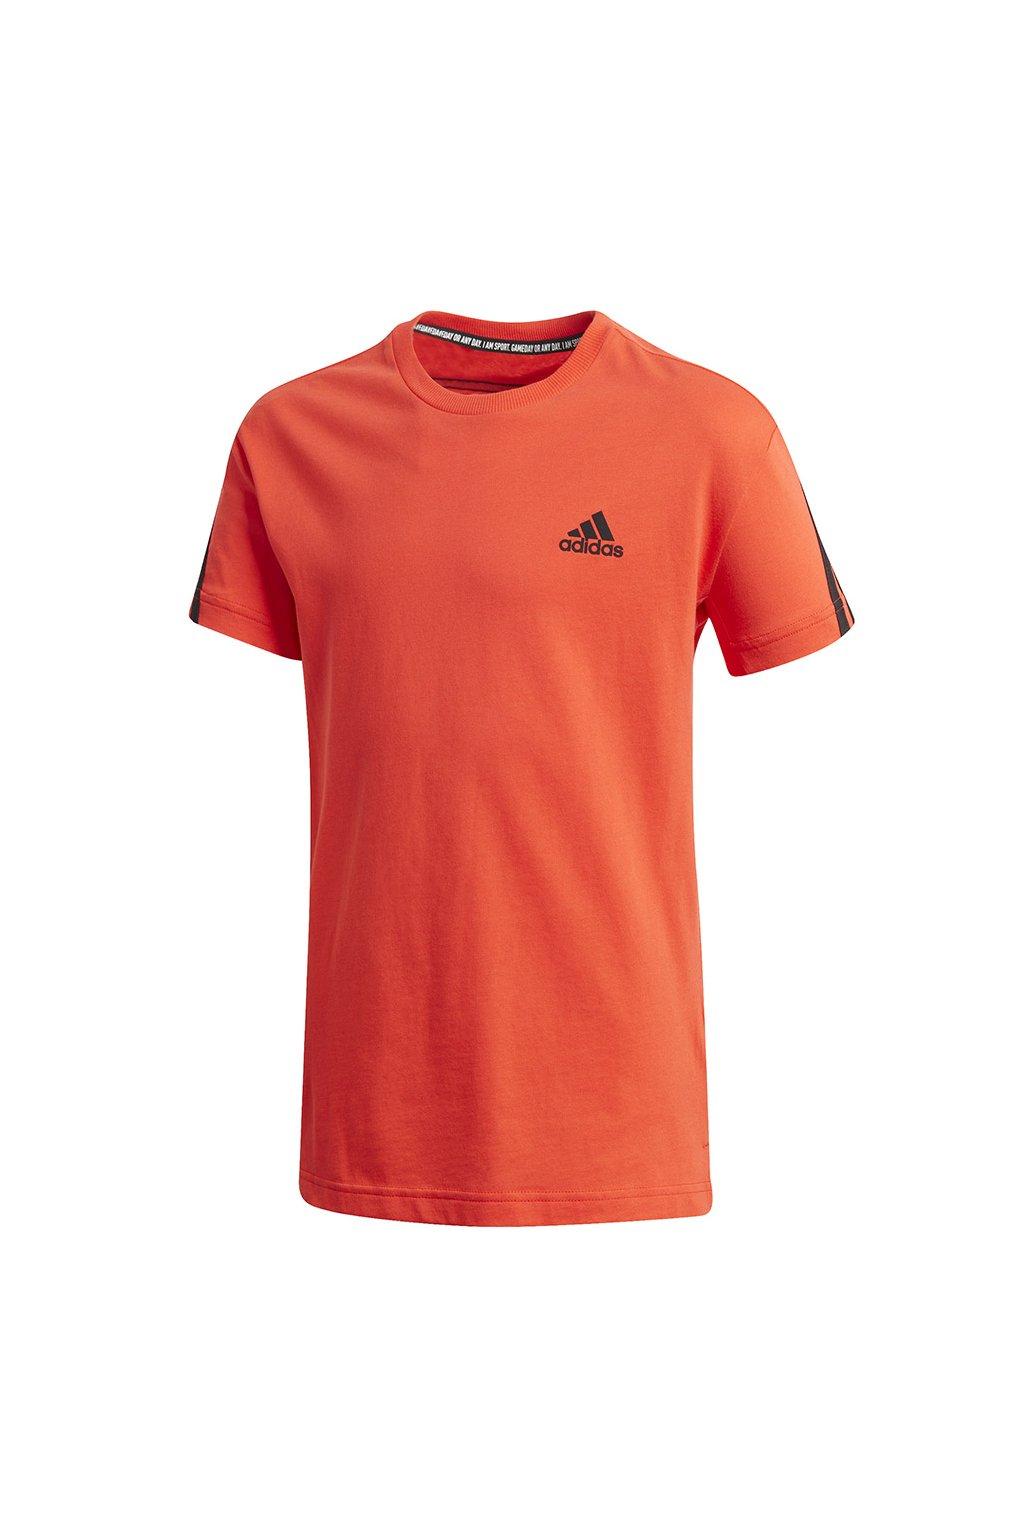 Chlapčenské tričko adidas B 3S Tee pomarančové GK3194